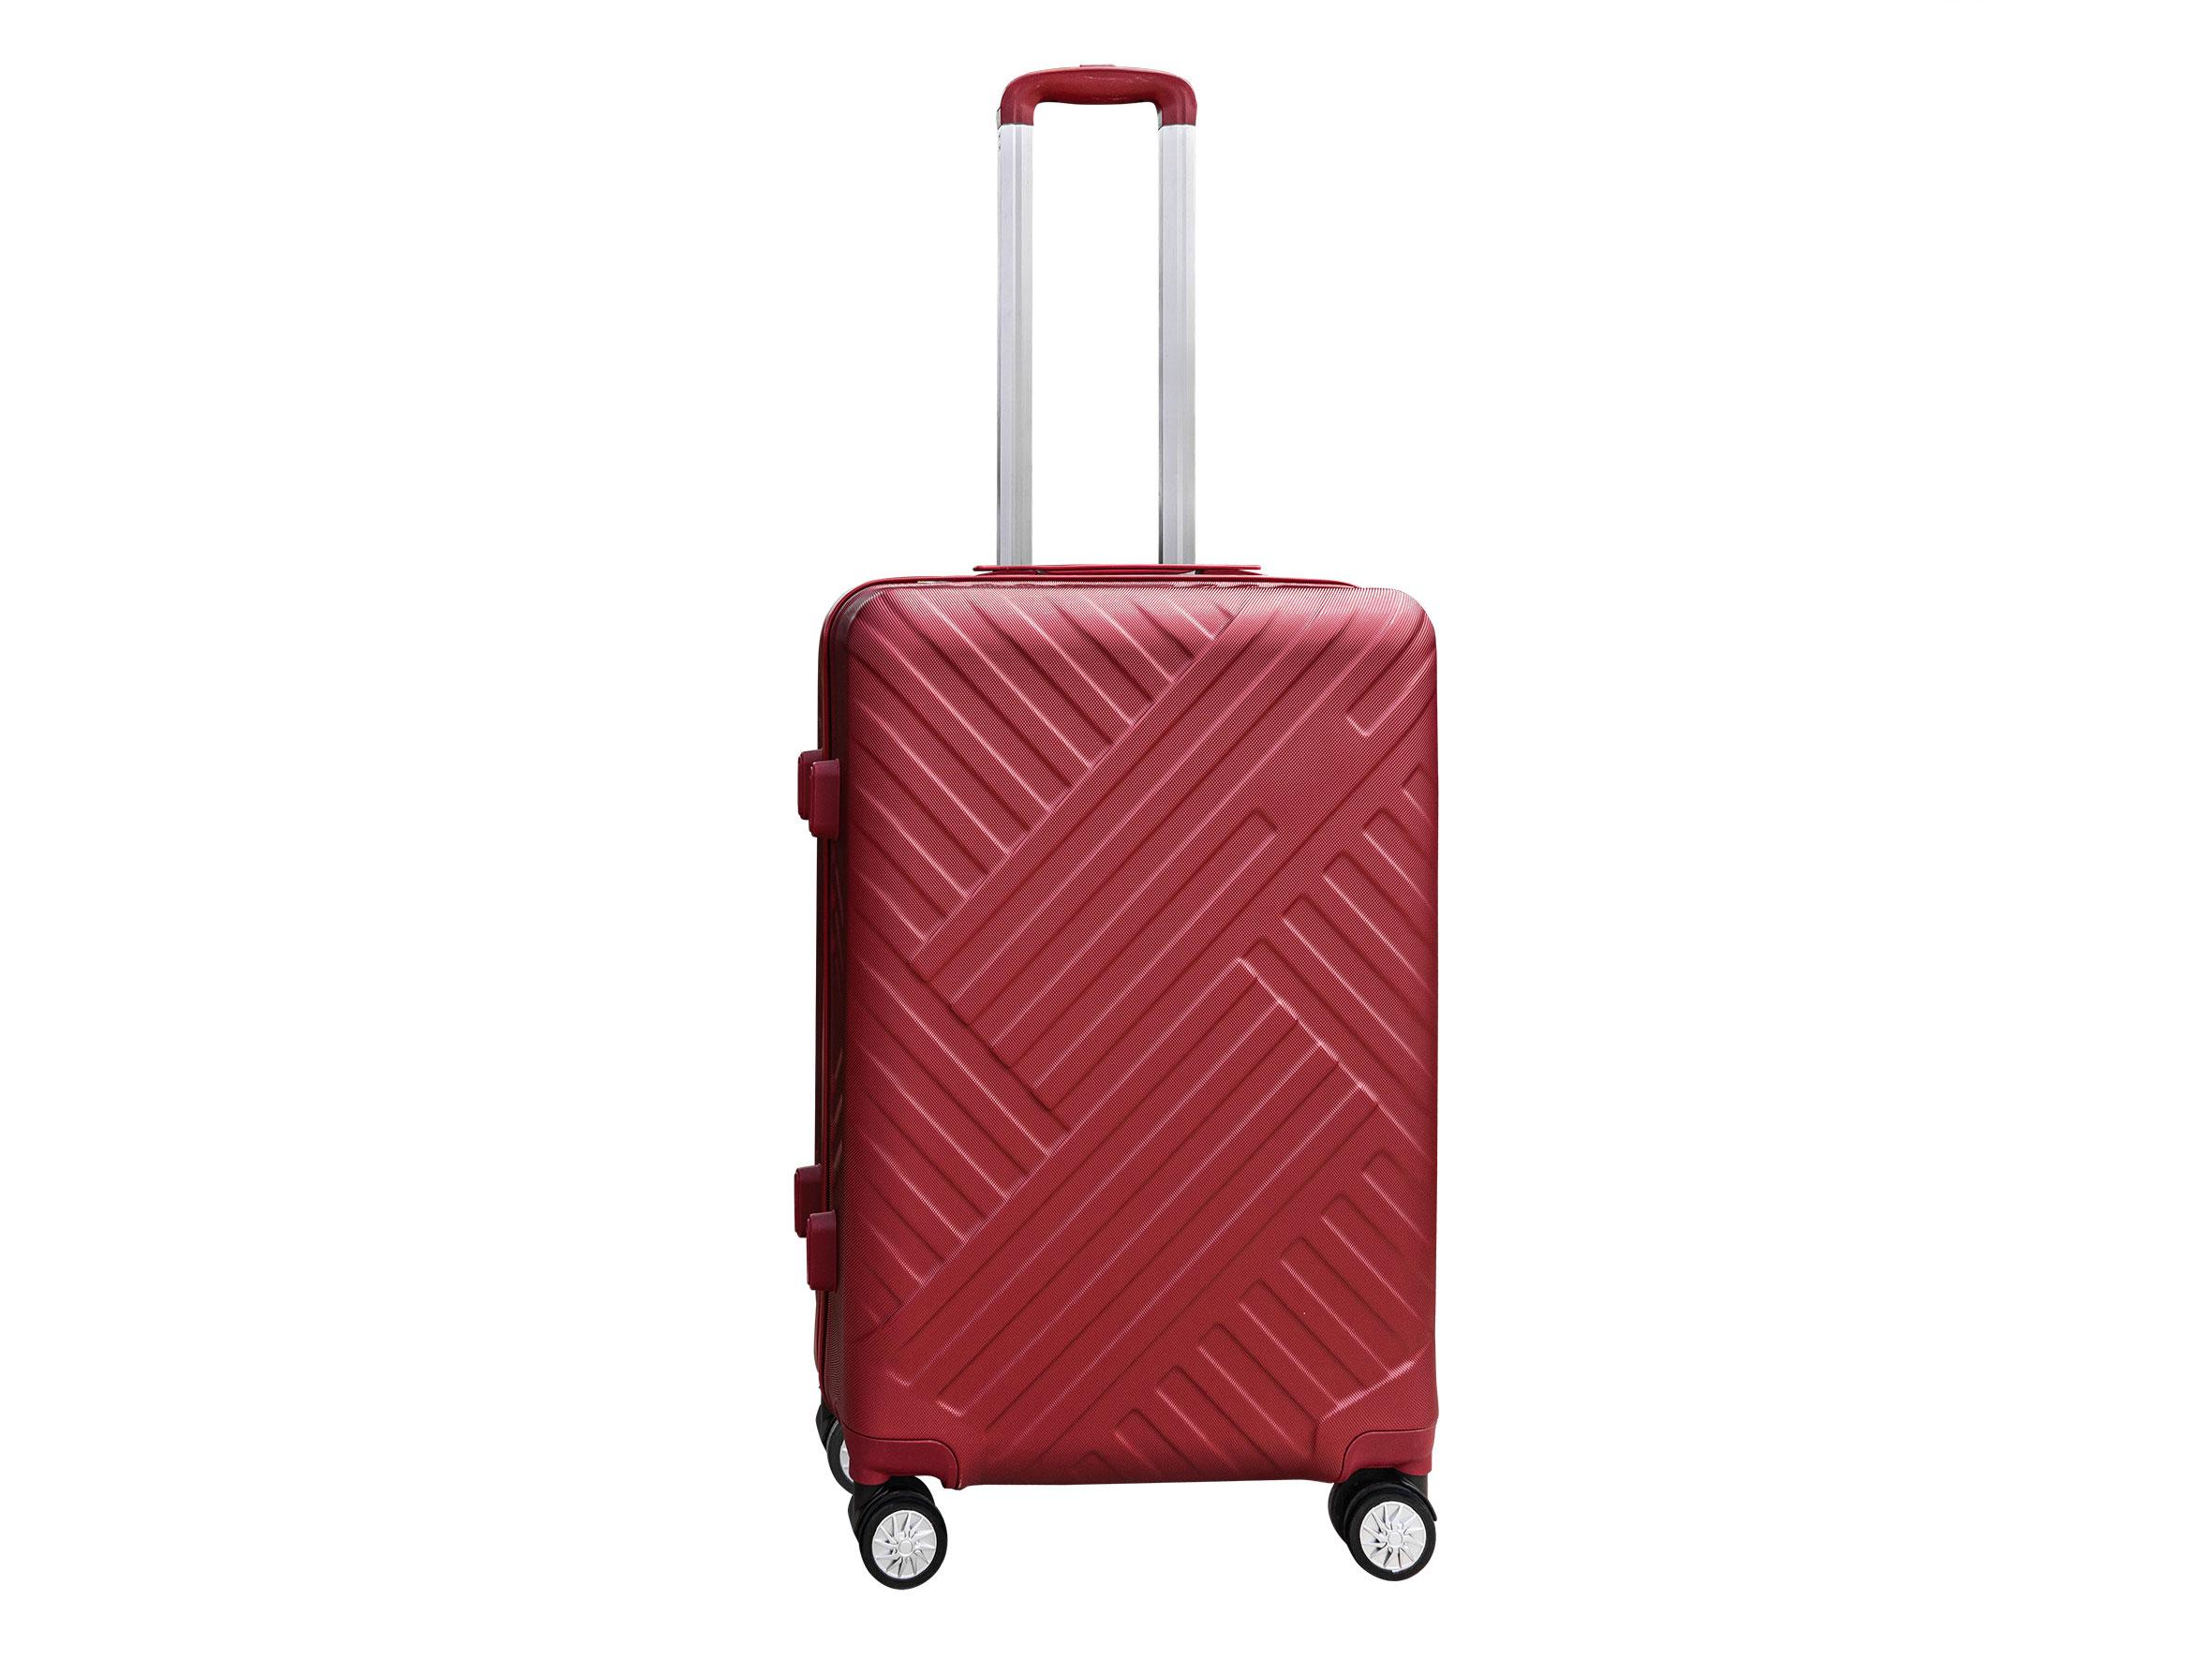 vali nhựa Hùng Phát VLN 528 20 inch